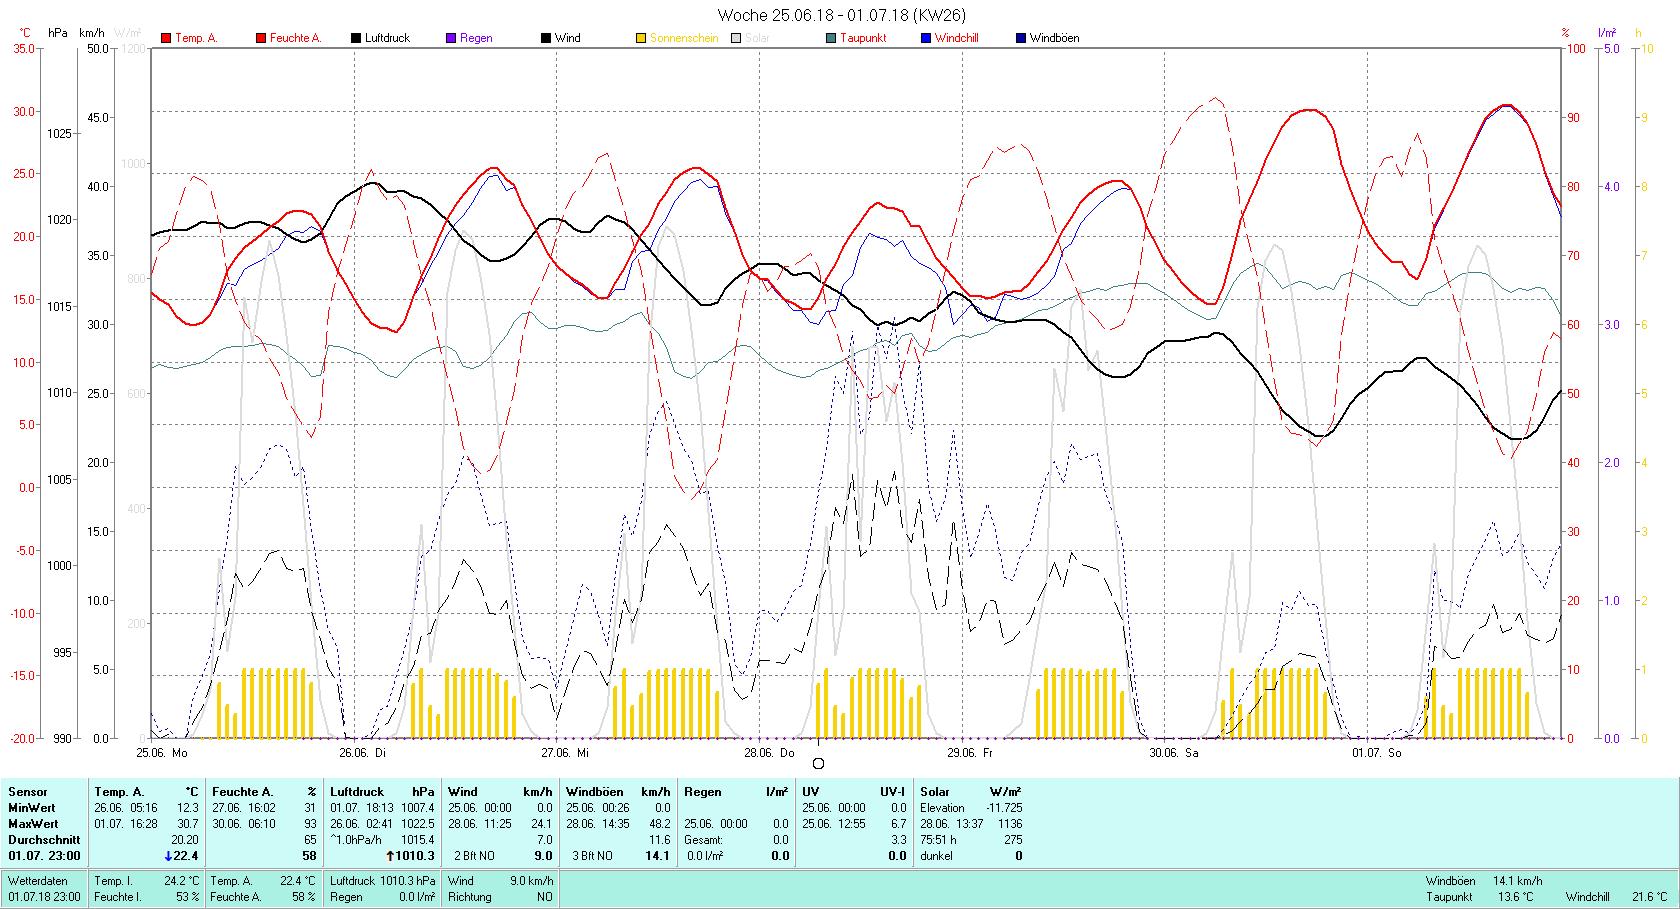 KW 26 Tmin 12.3°C, Tmax 30.7°C, Sonne 75:51 h Niederschlag 0 mm2